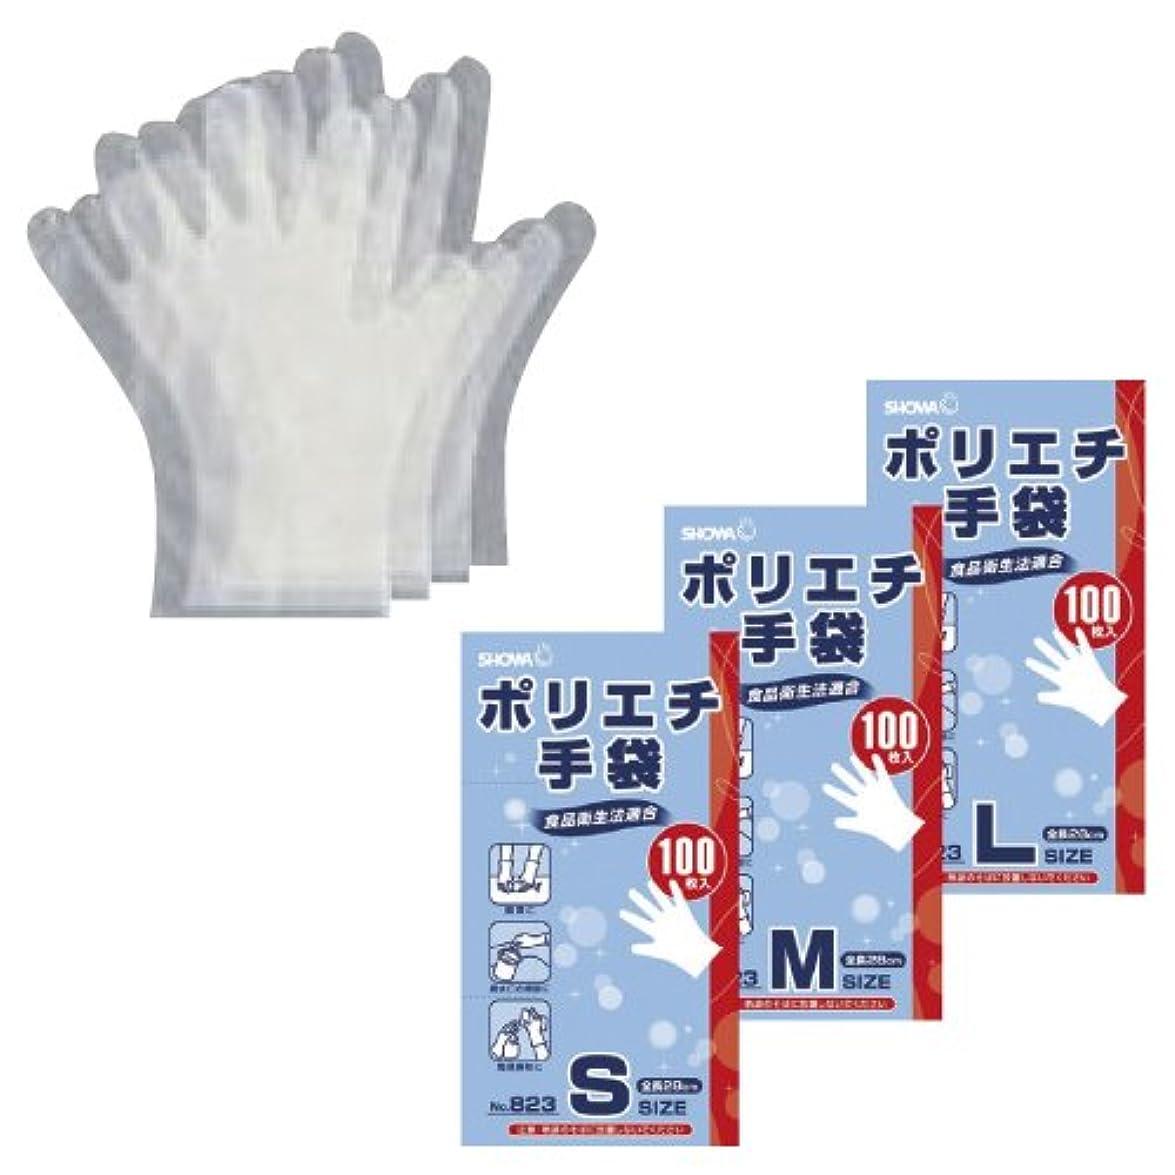 オーナメントジュースきつくポリエチ手袋(半透明) NO.823(S)100????????????(23-7247-00)